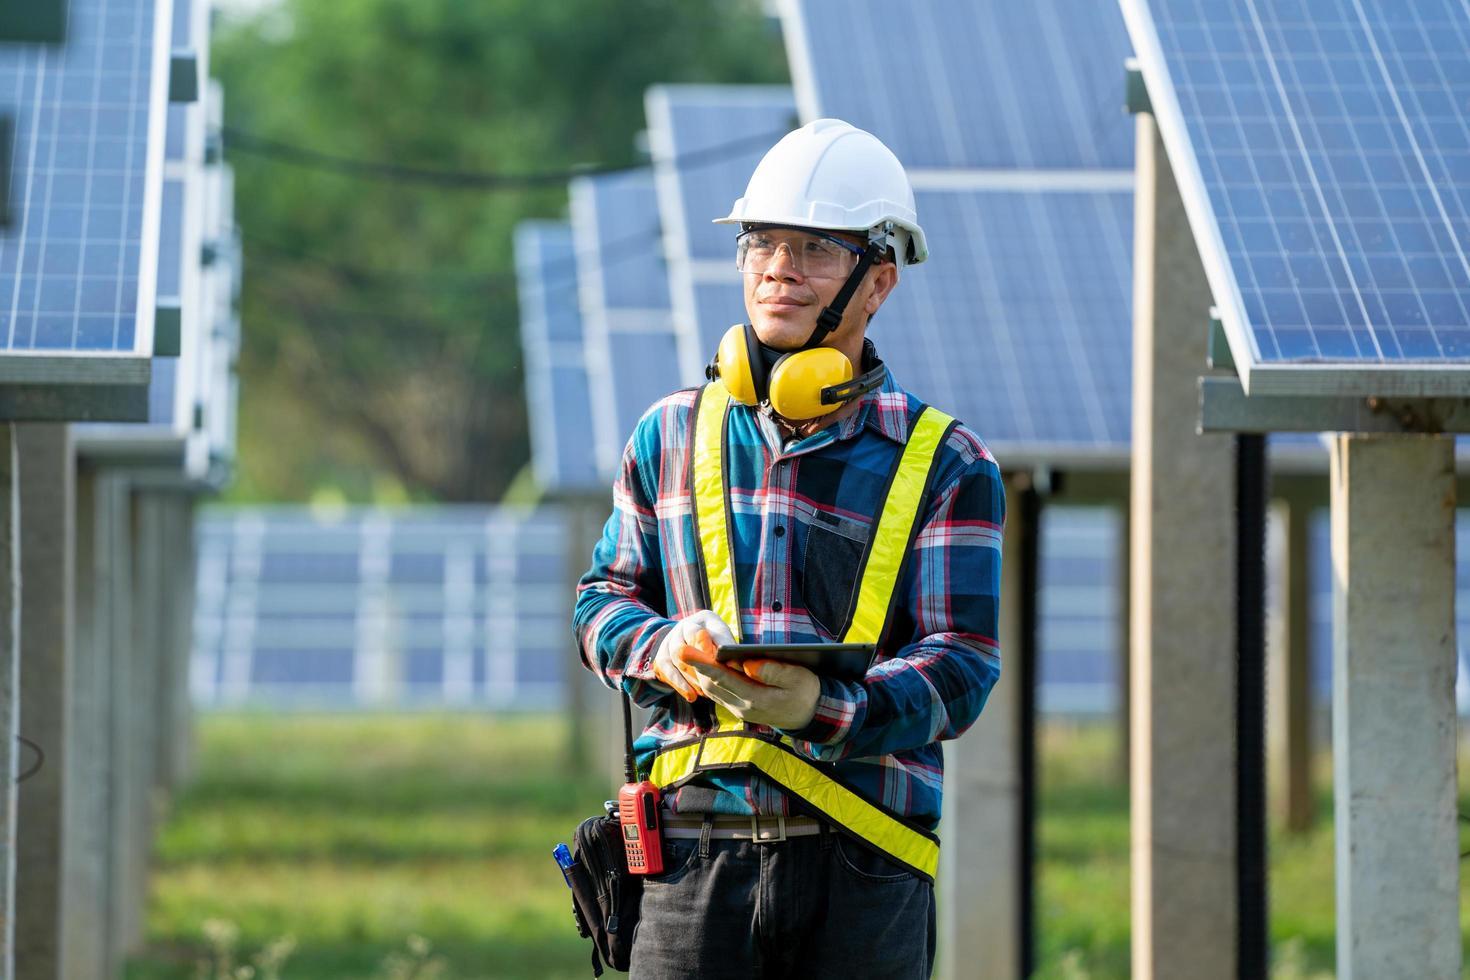 homme portant un équipement de sécurité à côté de panneaux solaires photo